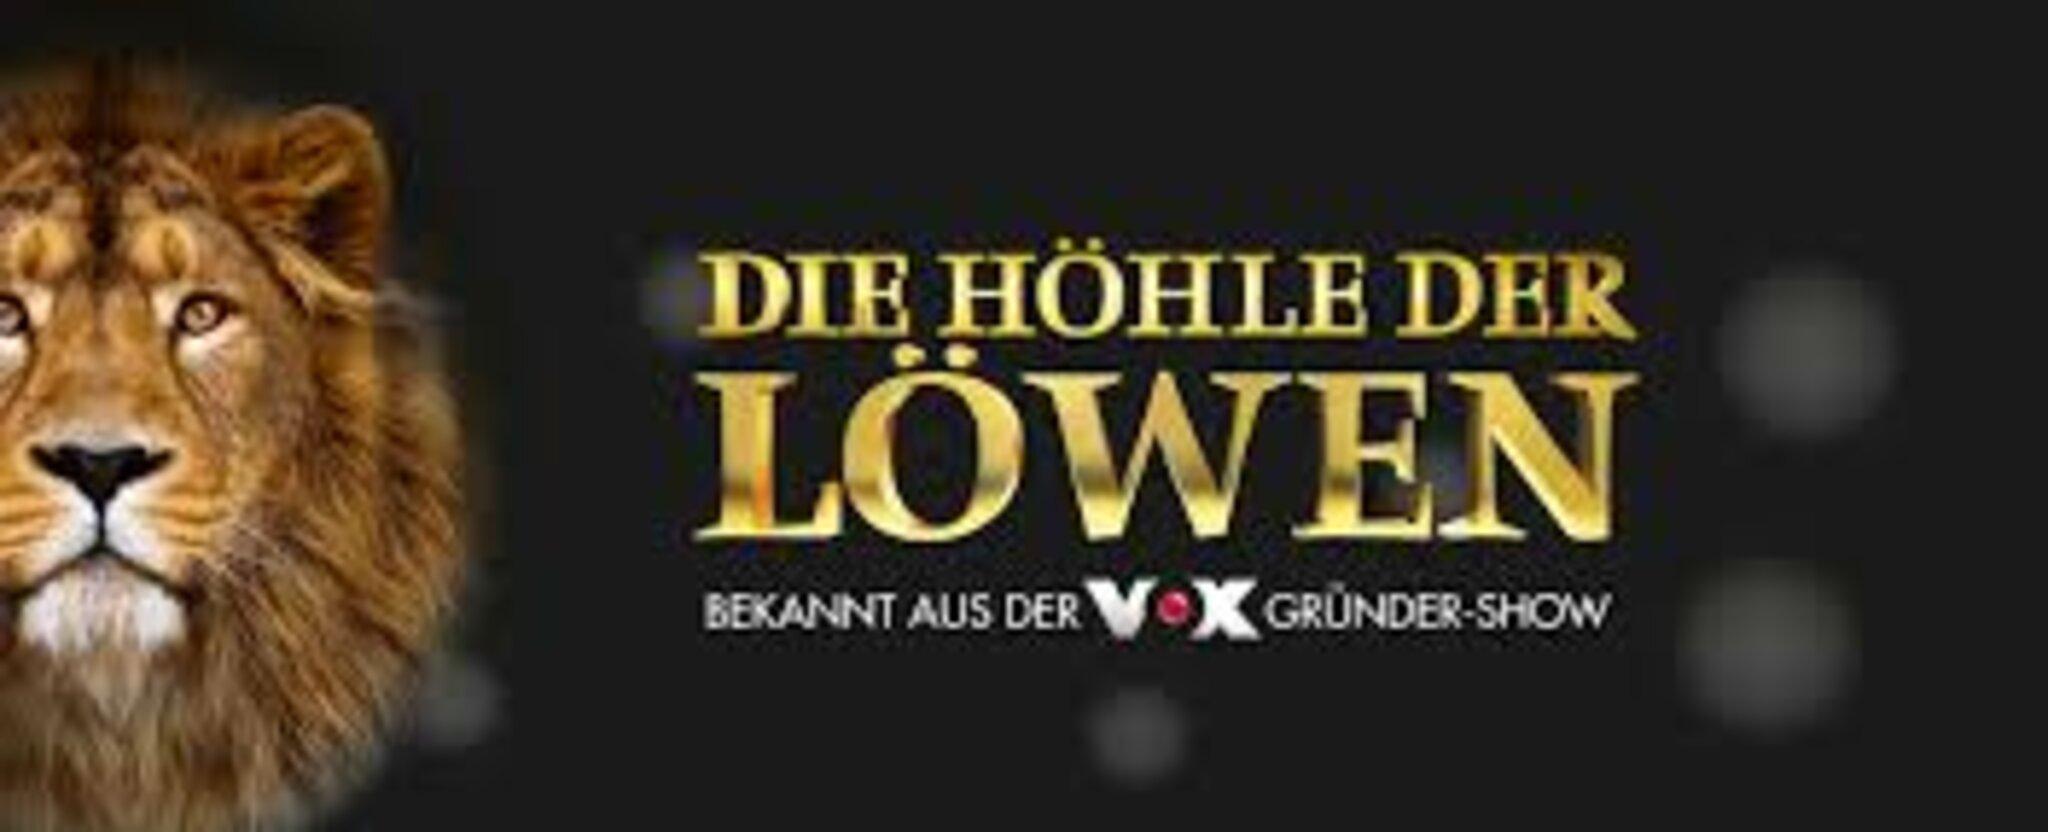 Hohle Der Lowen Jetzt Fur Die Nachste Staffel 7